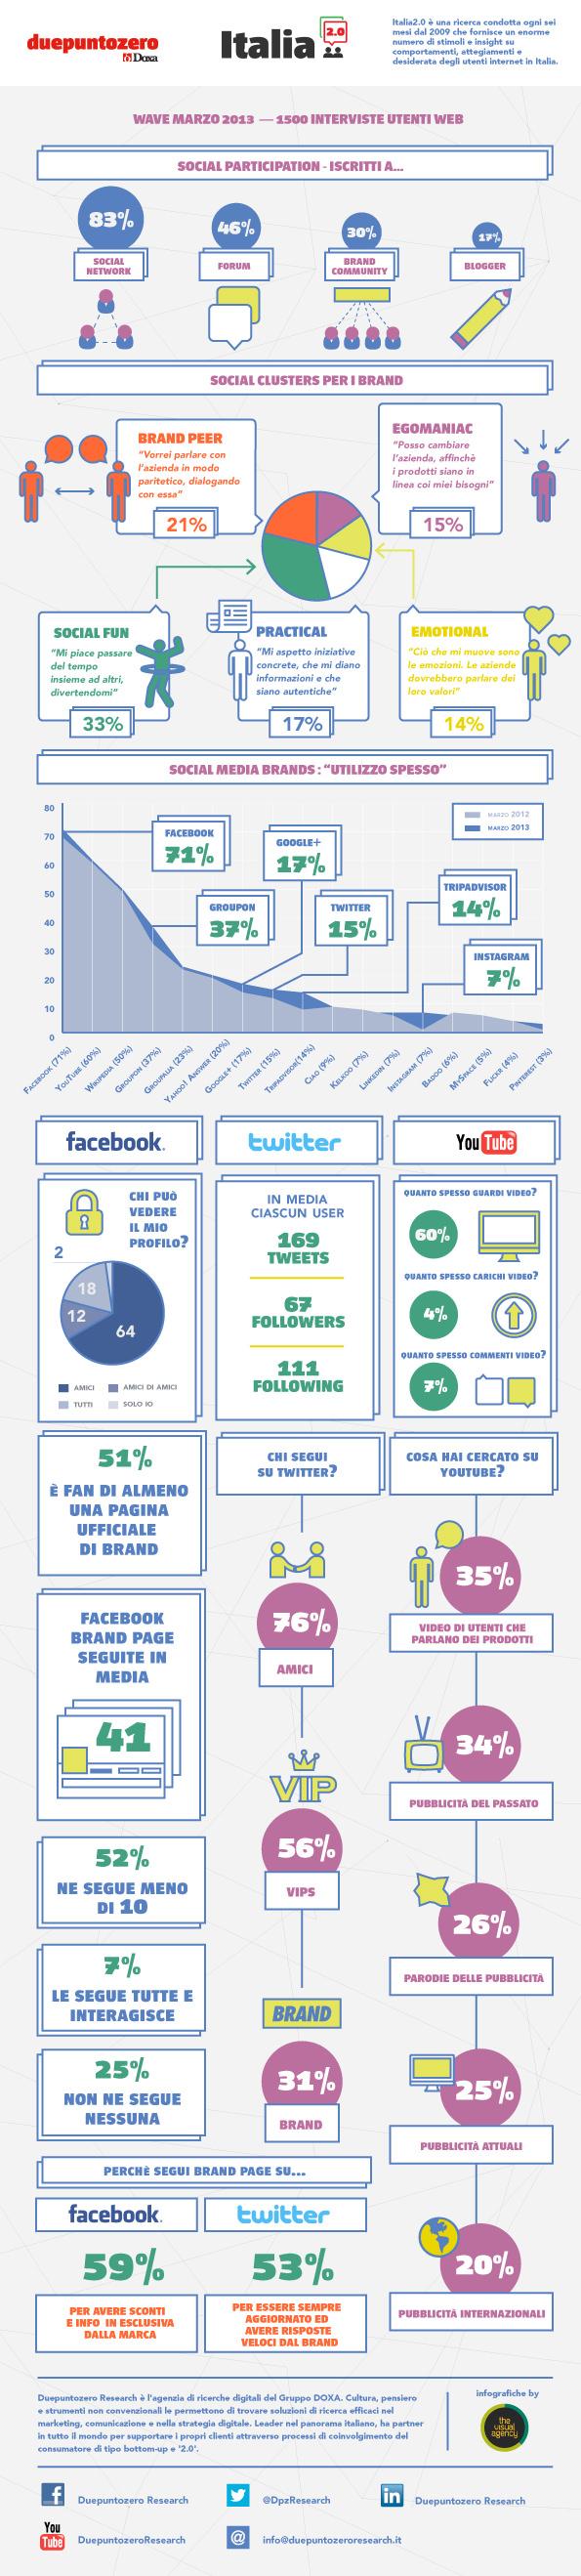 italia20-infografica-marzo13